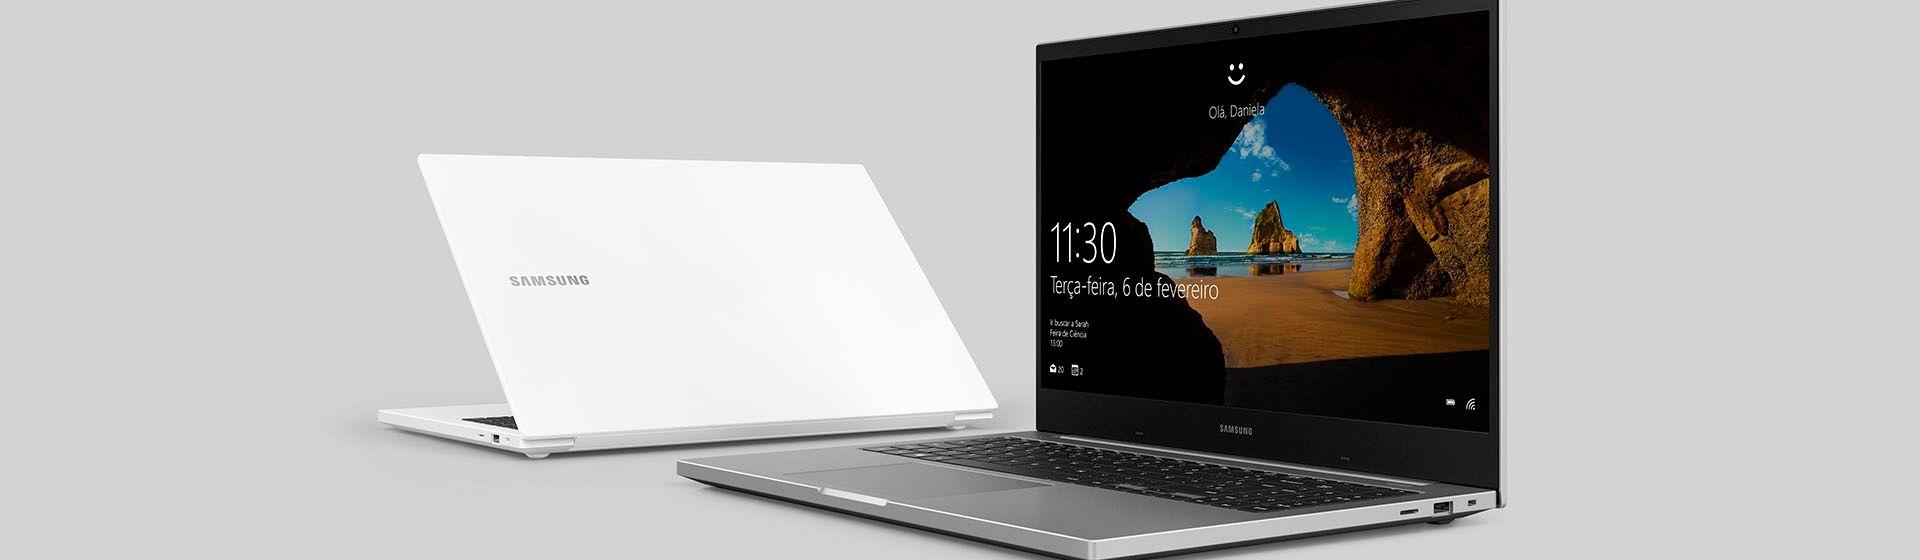 Melhor notebook Samsung i3: Book E30 vs Book E40